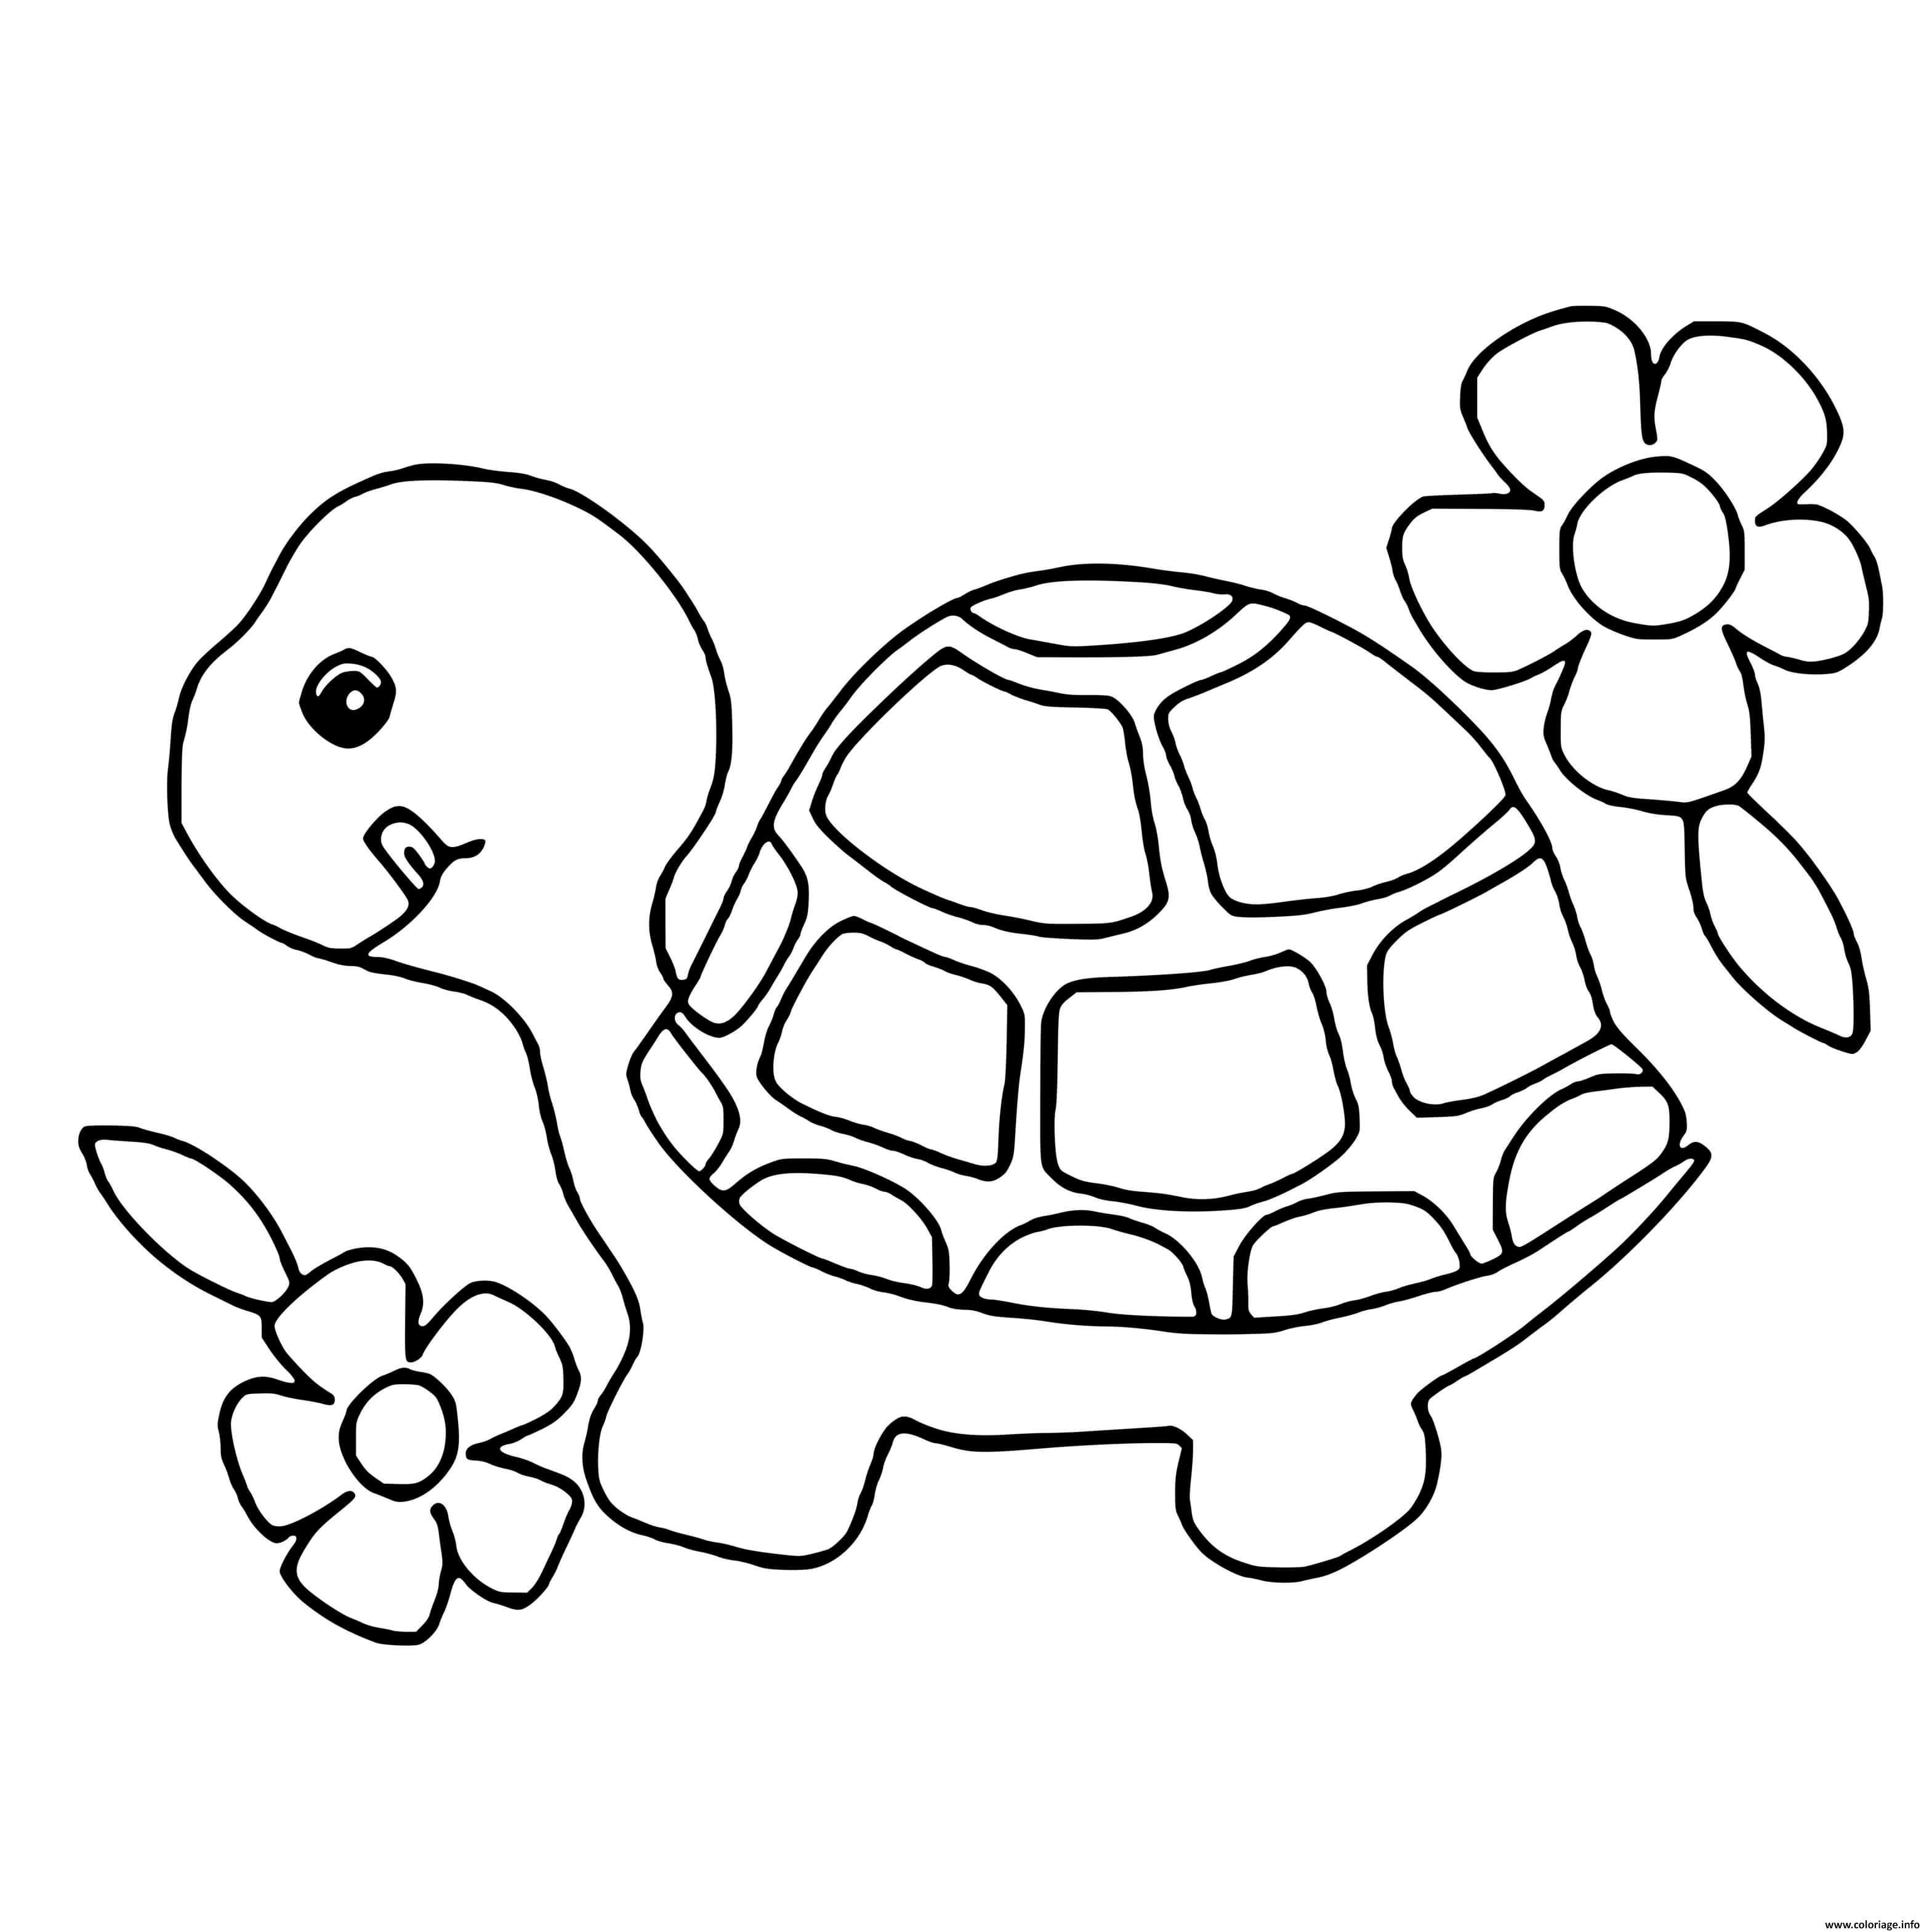 Coloriage Animaux Pour Enfants Facile Tortue Dessin Enfants A Imprimer